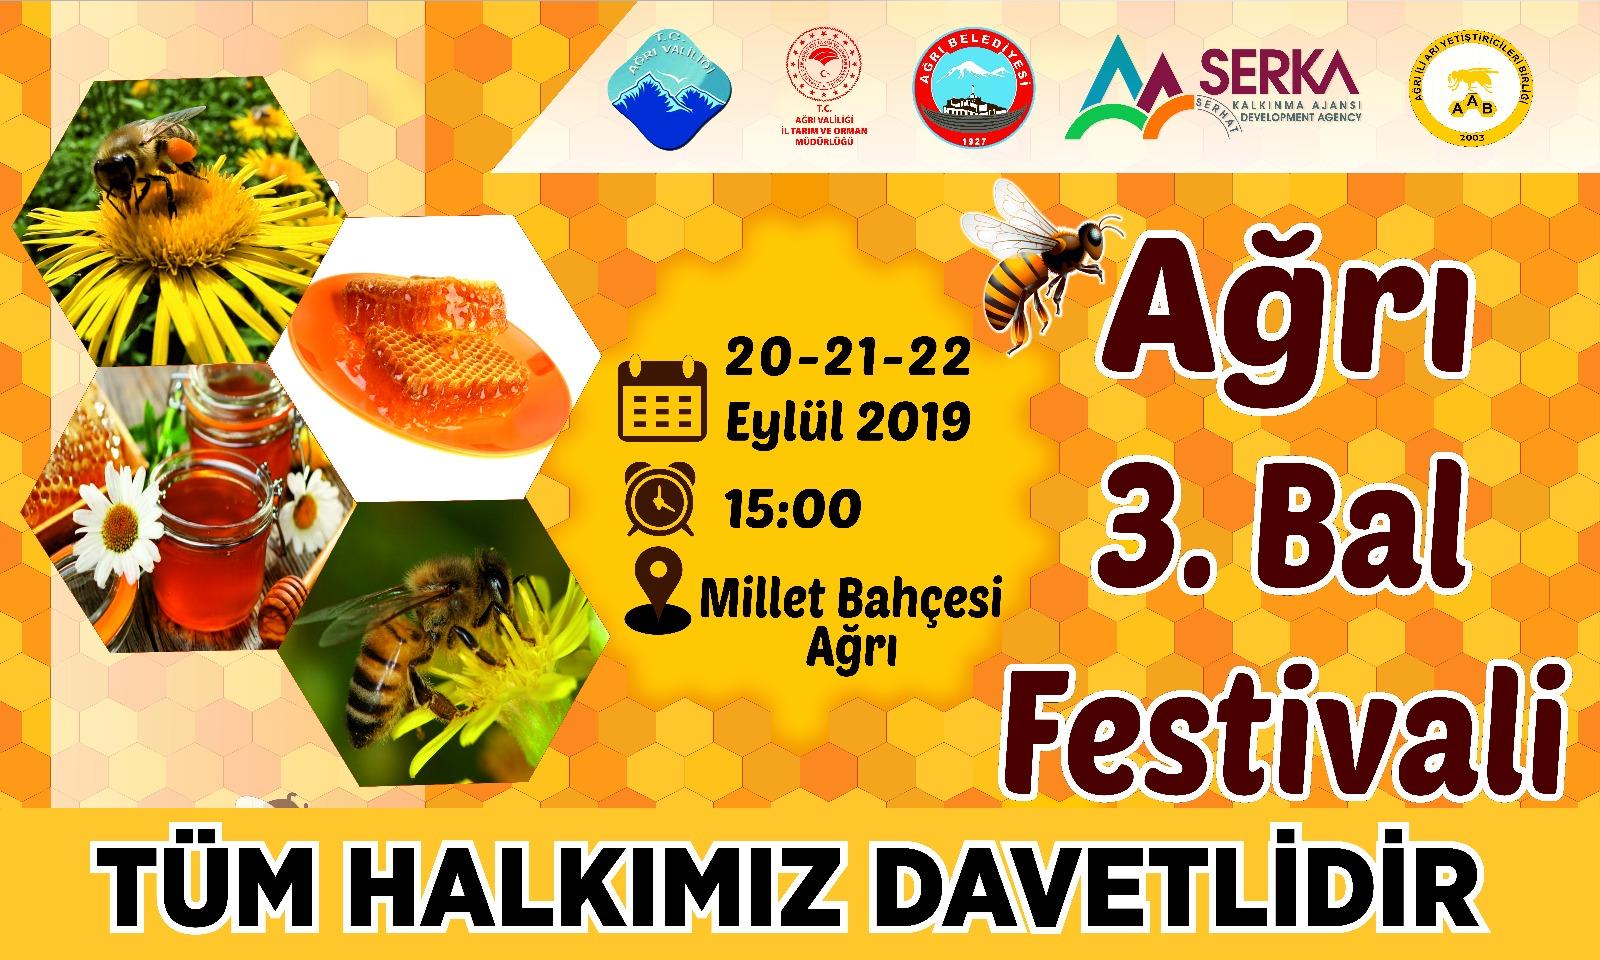 AĞRI 3. BAL FESTİVALİNE HAZIRLANIYOR